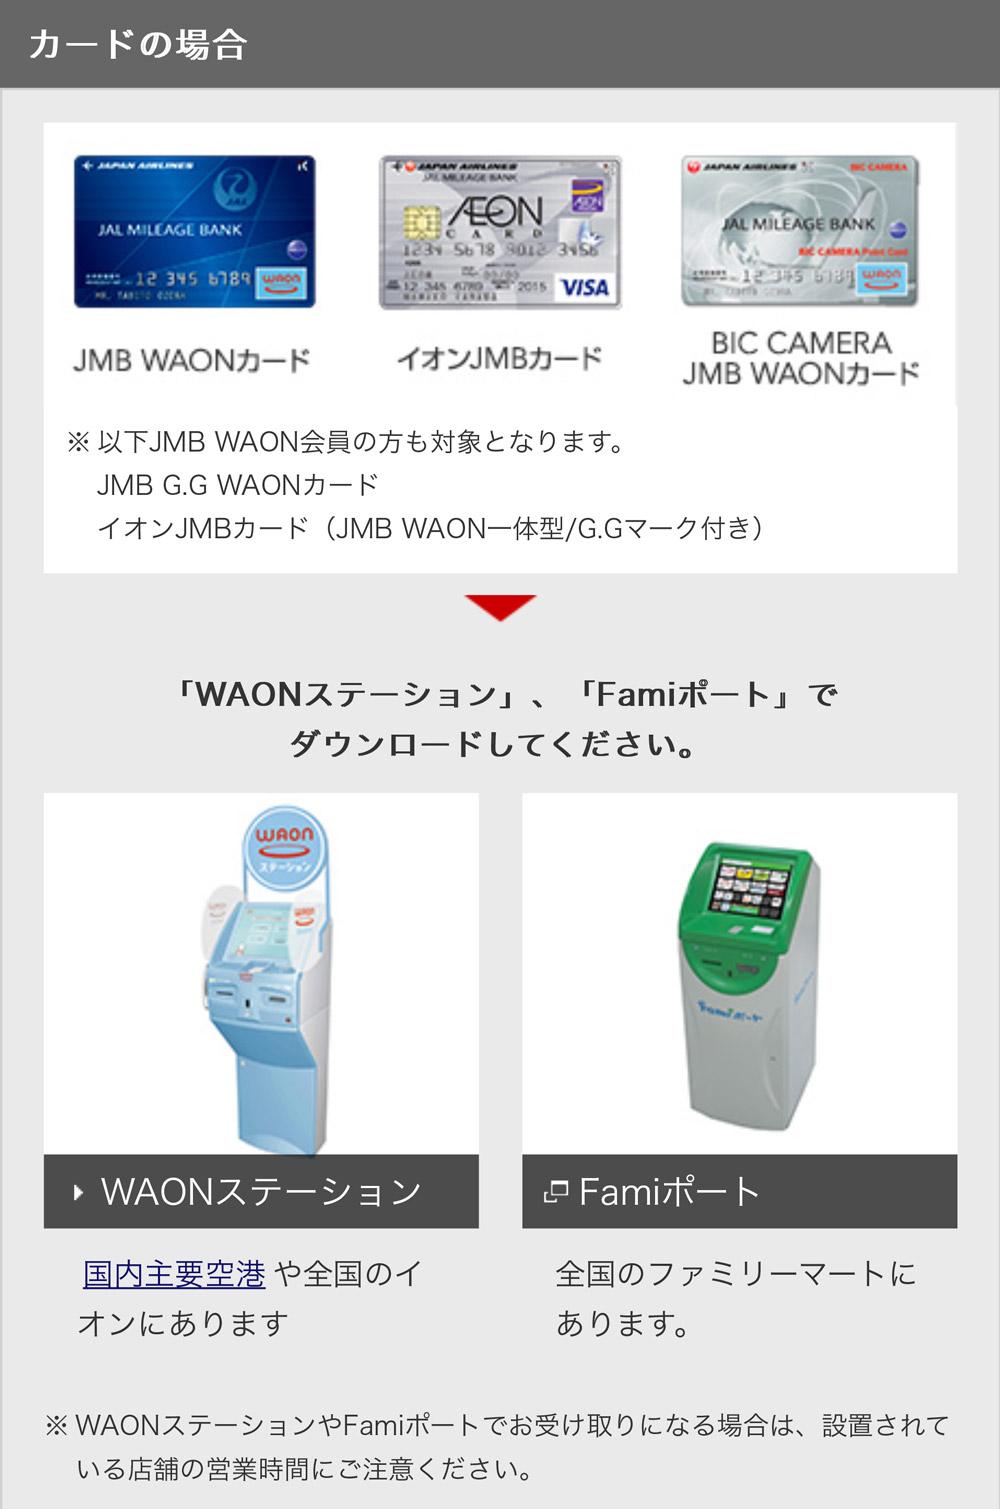 マイル→WAON交換方法(カード)